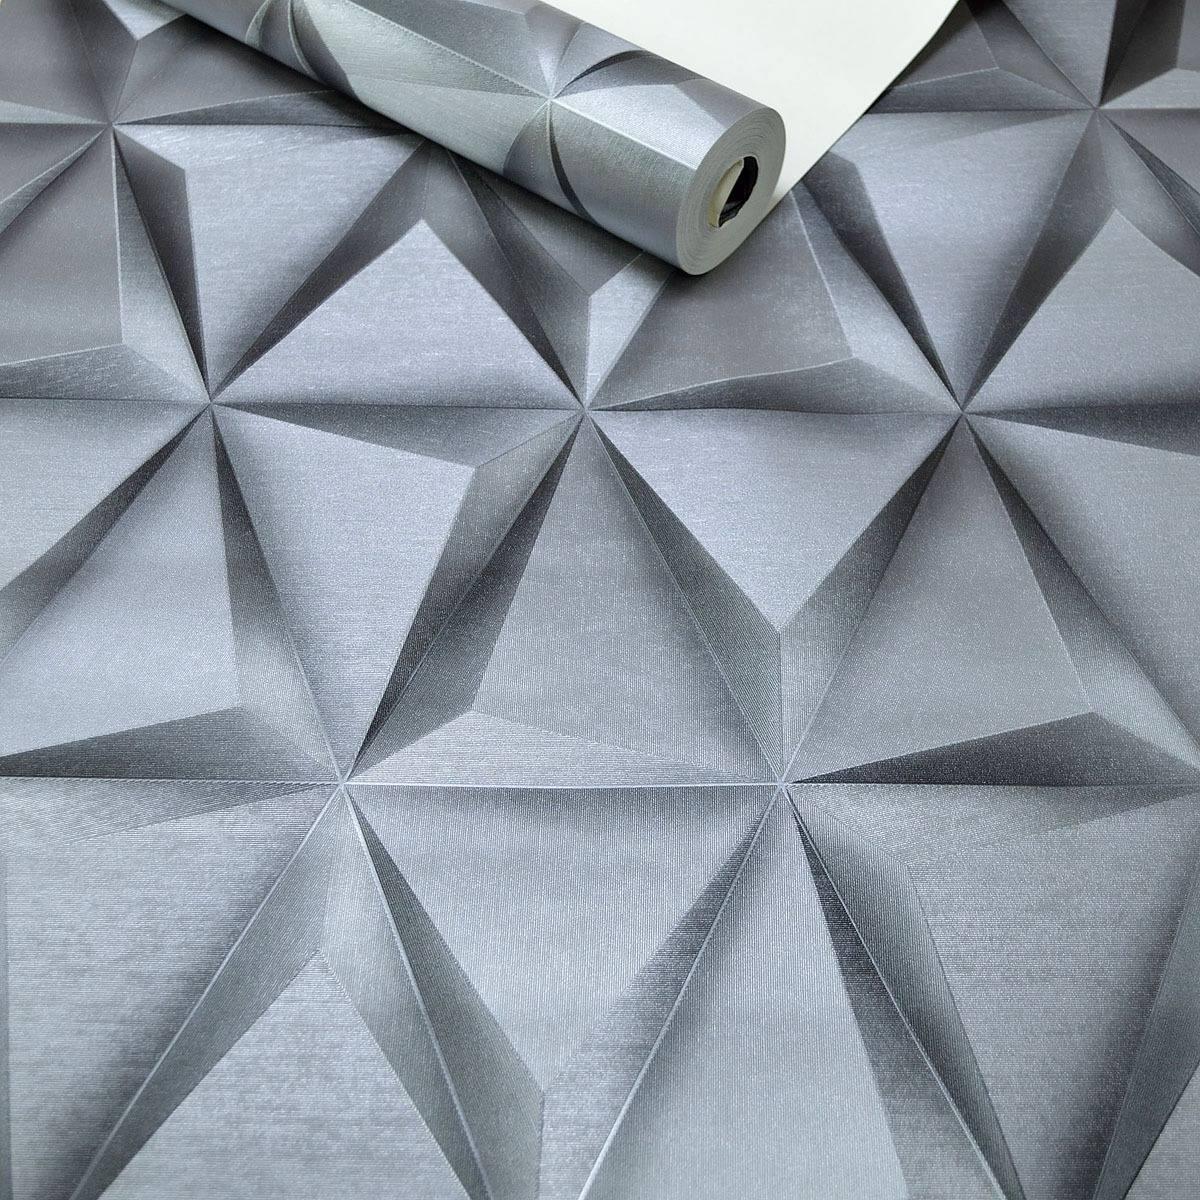 Papel de parede textura alto relevo geom trico cinza 3d for Sala de estar com papel de parede 3d